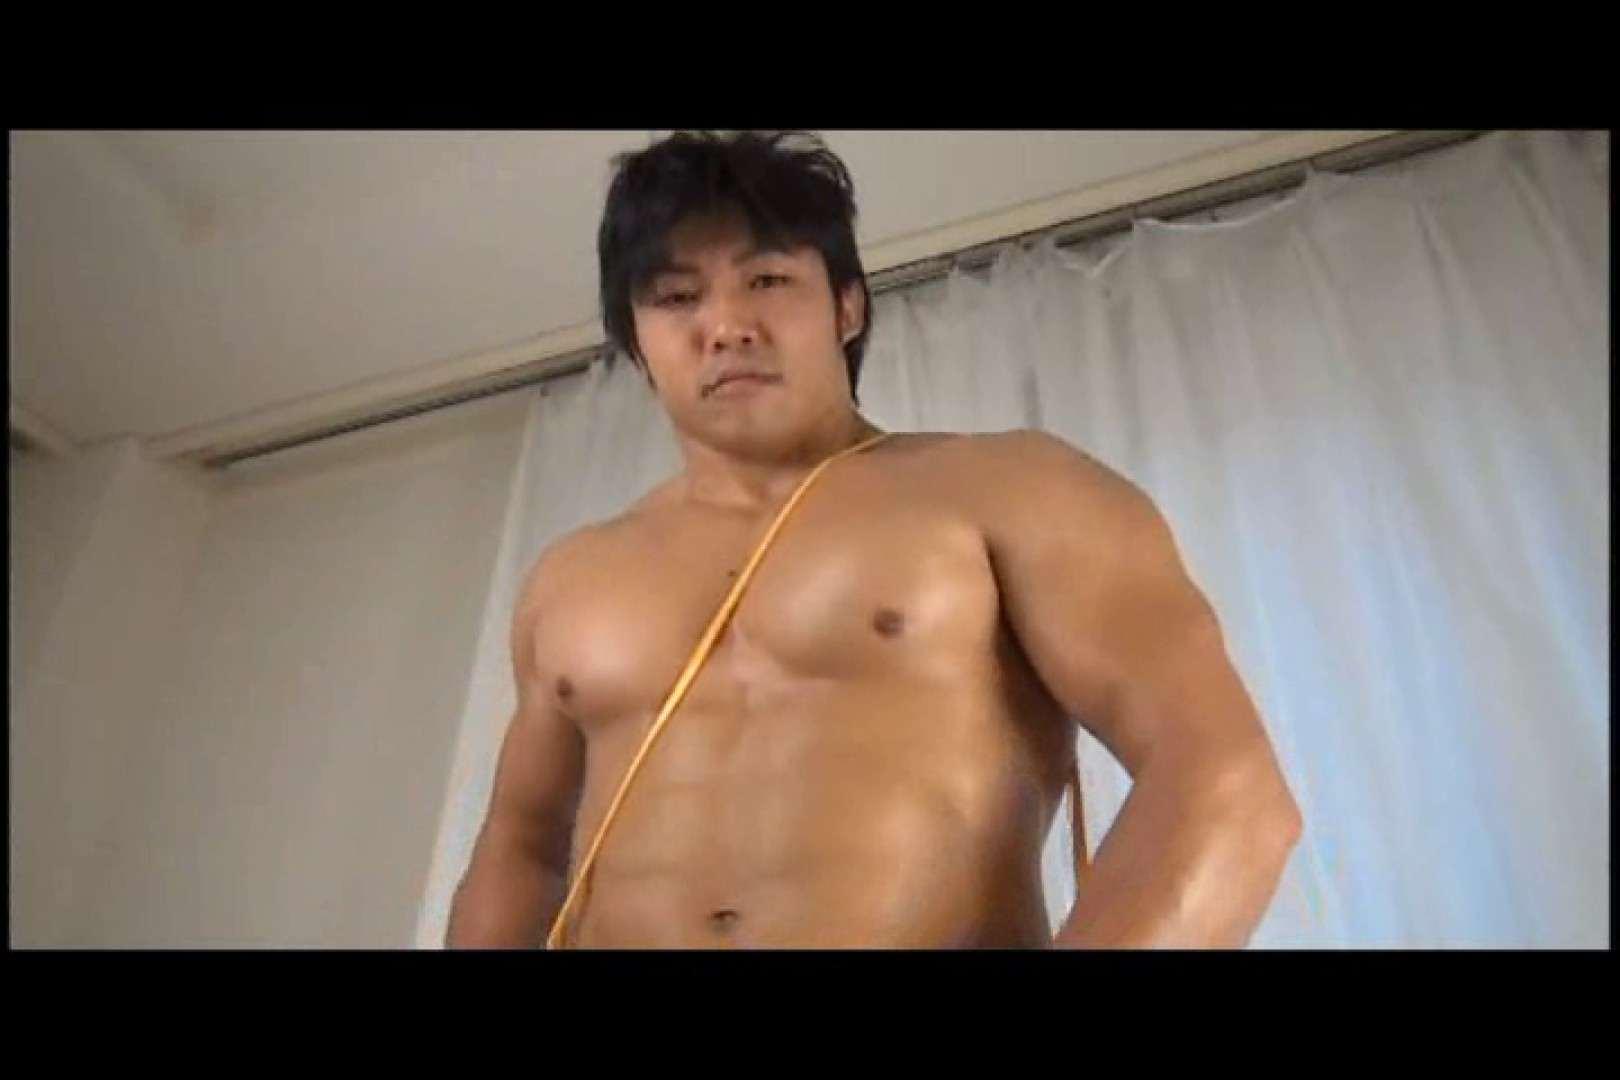 エロガチムチ兄さんのセクシームービー前編 ガチムチ  104pic 64